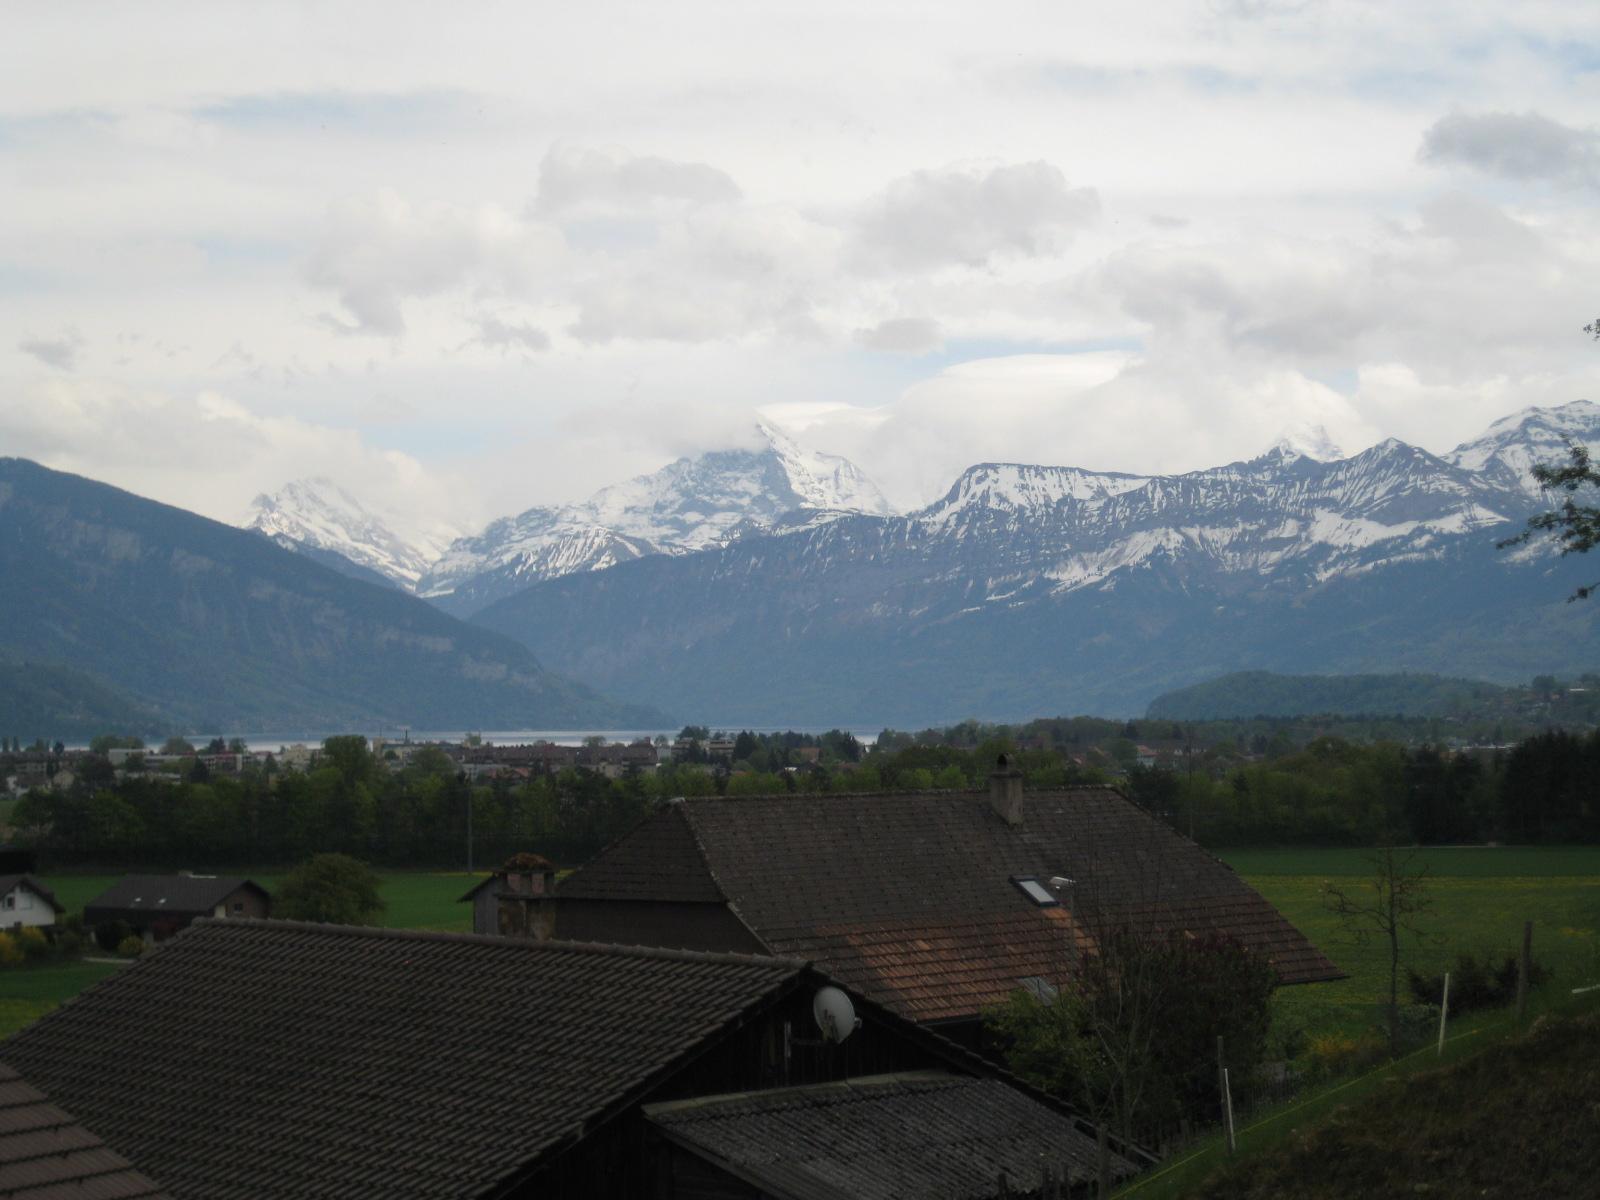 Blick auf Eiger, Mönch in Jungfrau - leider in den Wolken